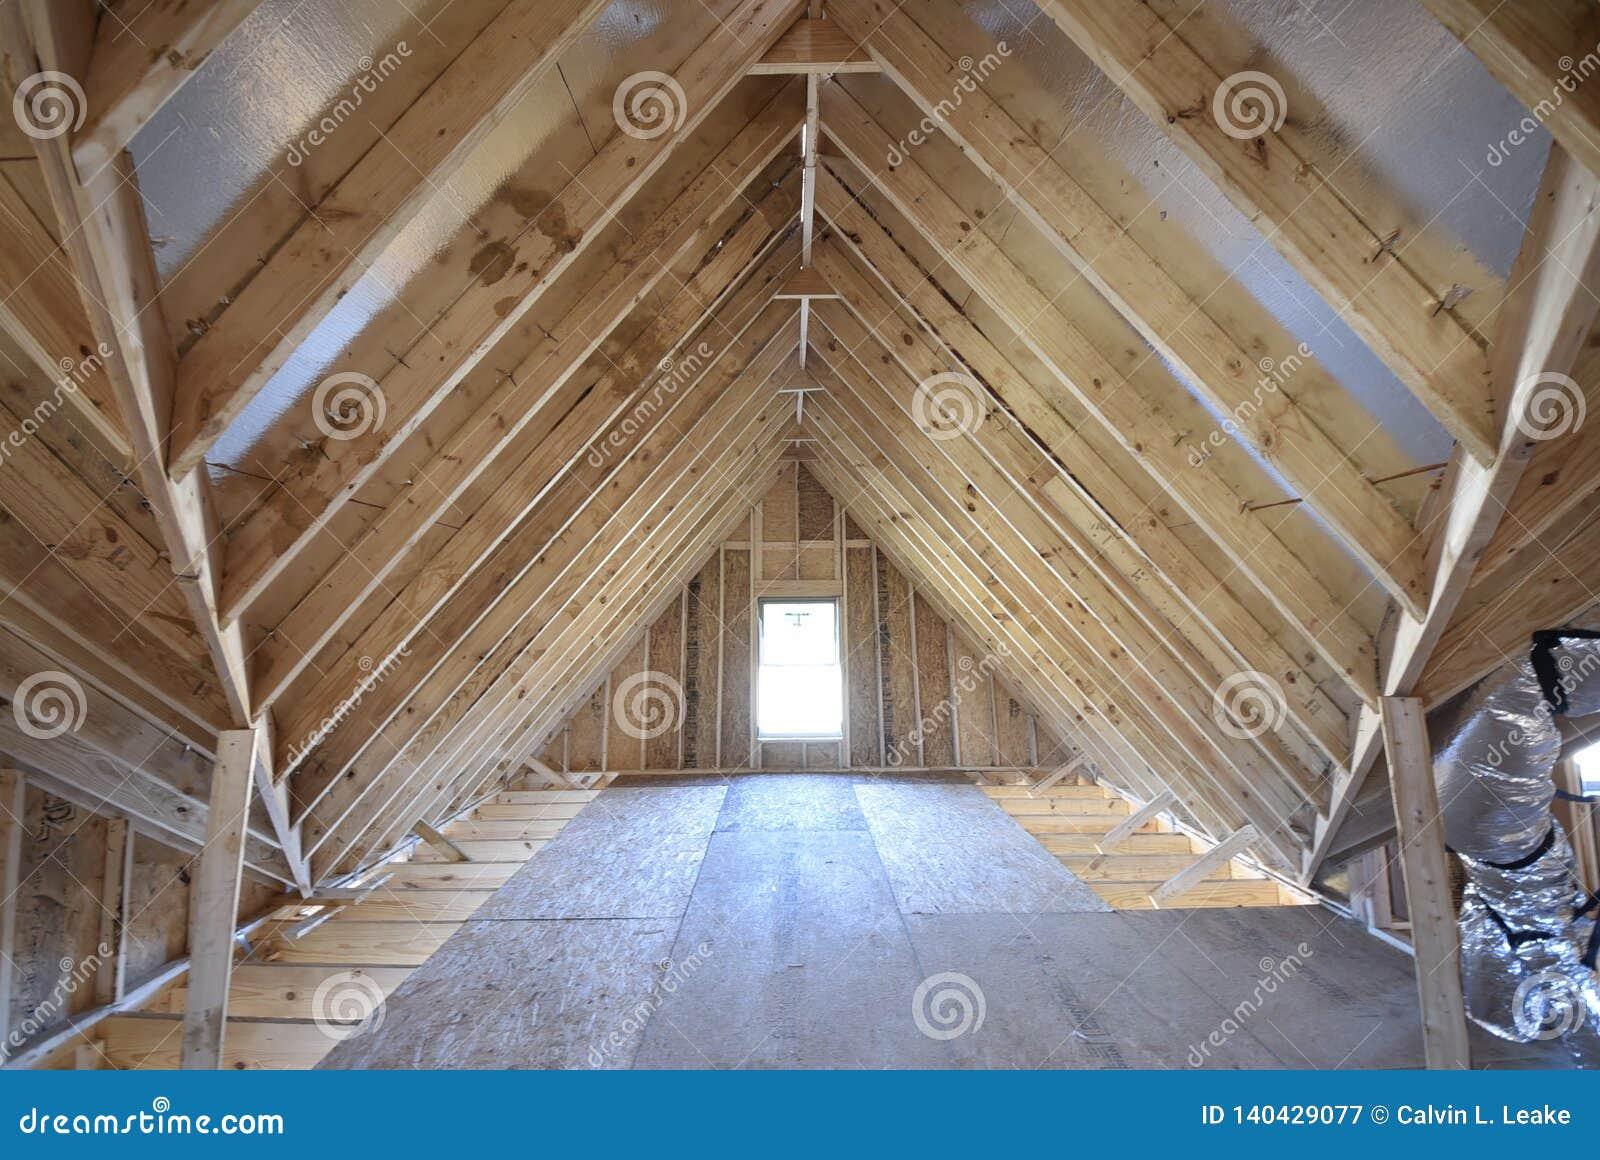 El enmarcar del ático y construcción casera de la vigueta nueva